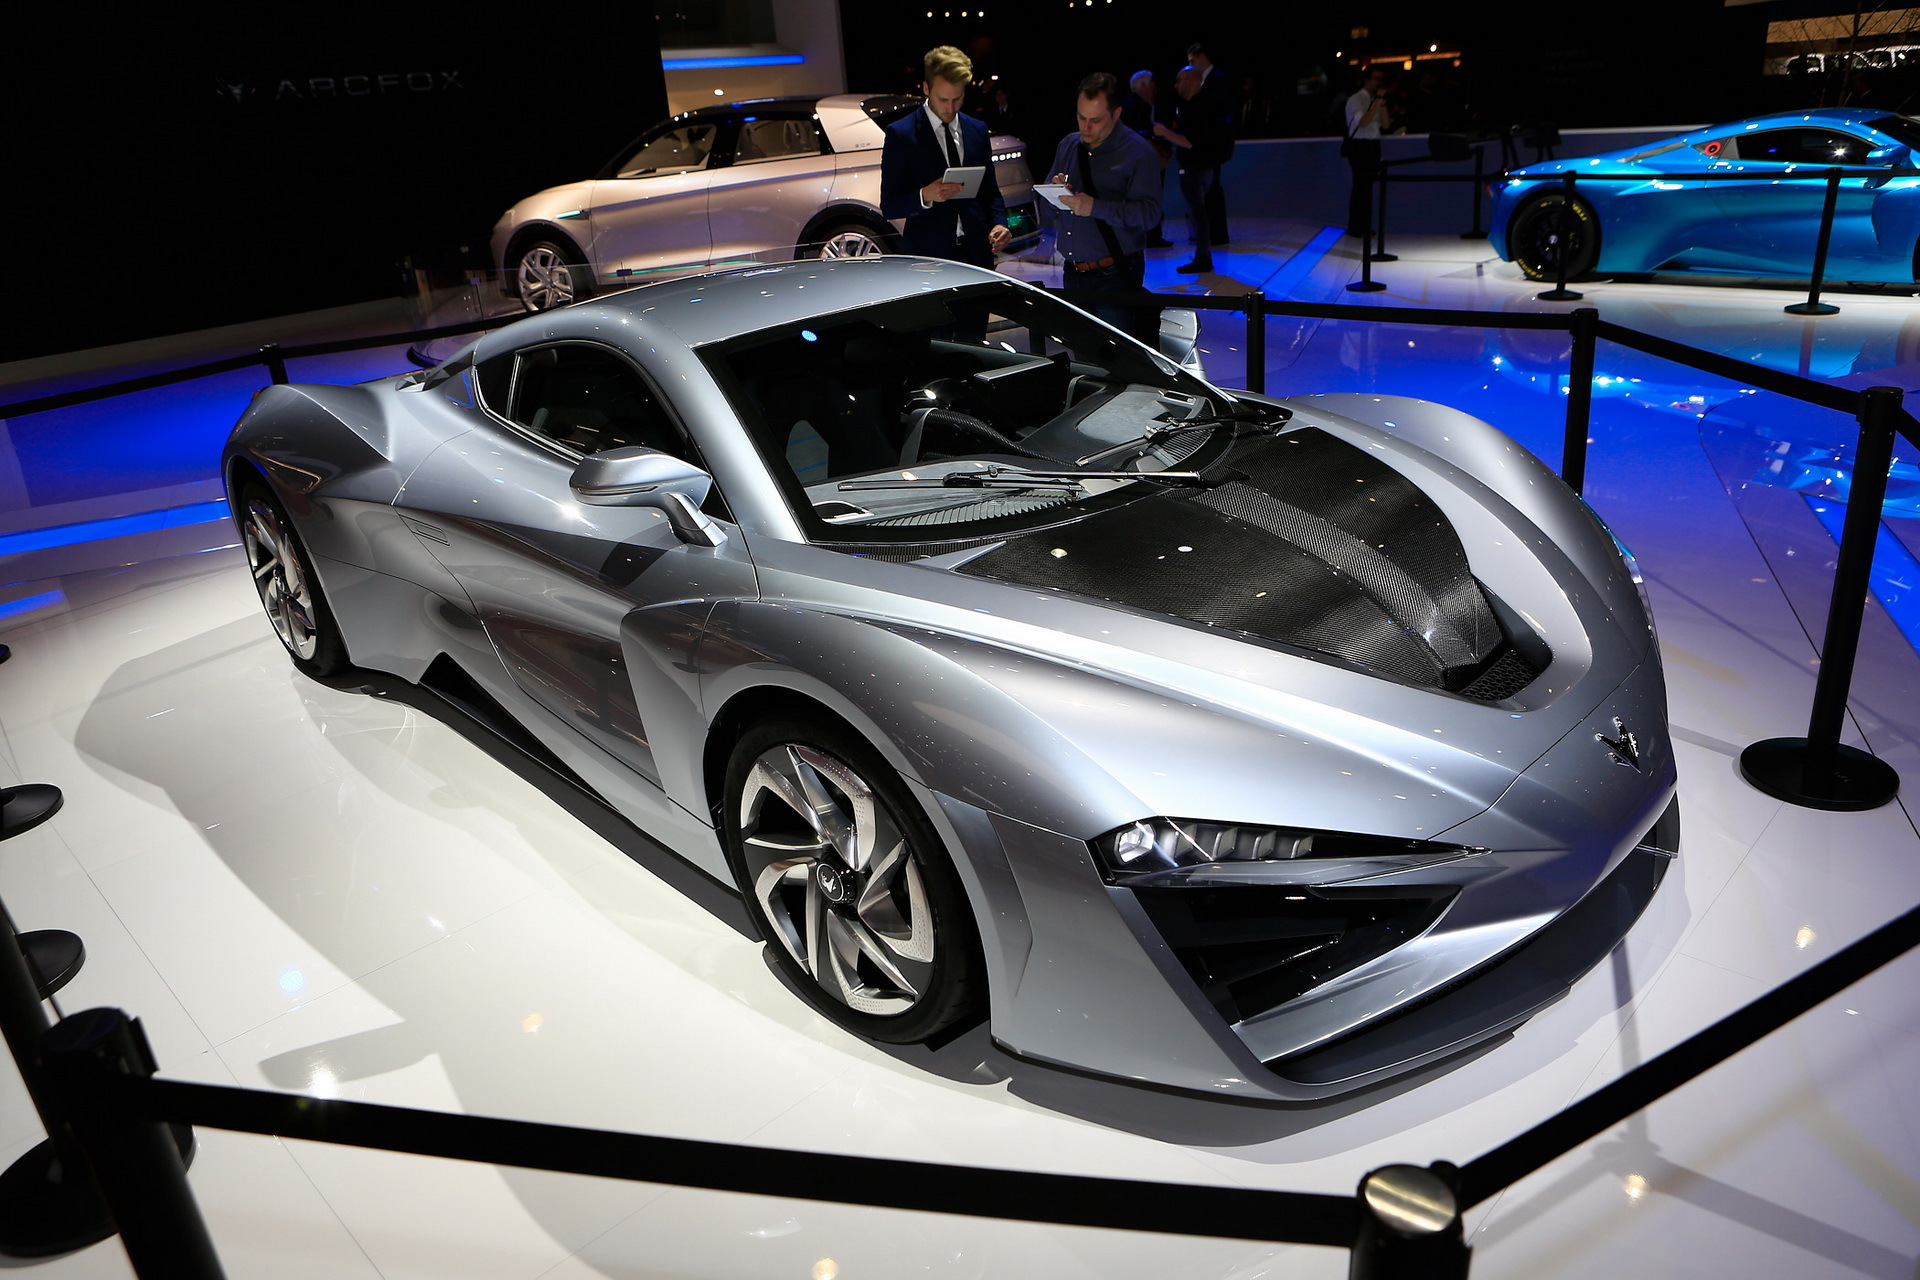 Bugatti,siêu xe,BAIC,xe Trung Quốc,ô tô Trung Quốc